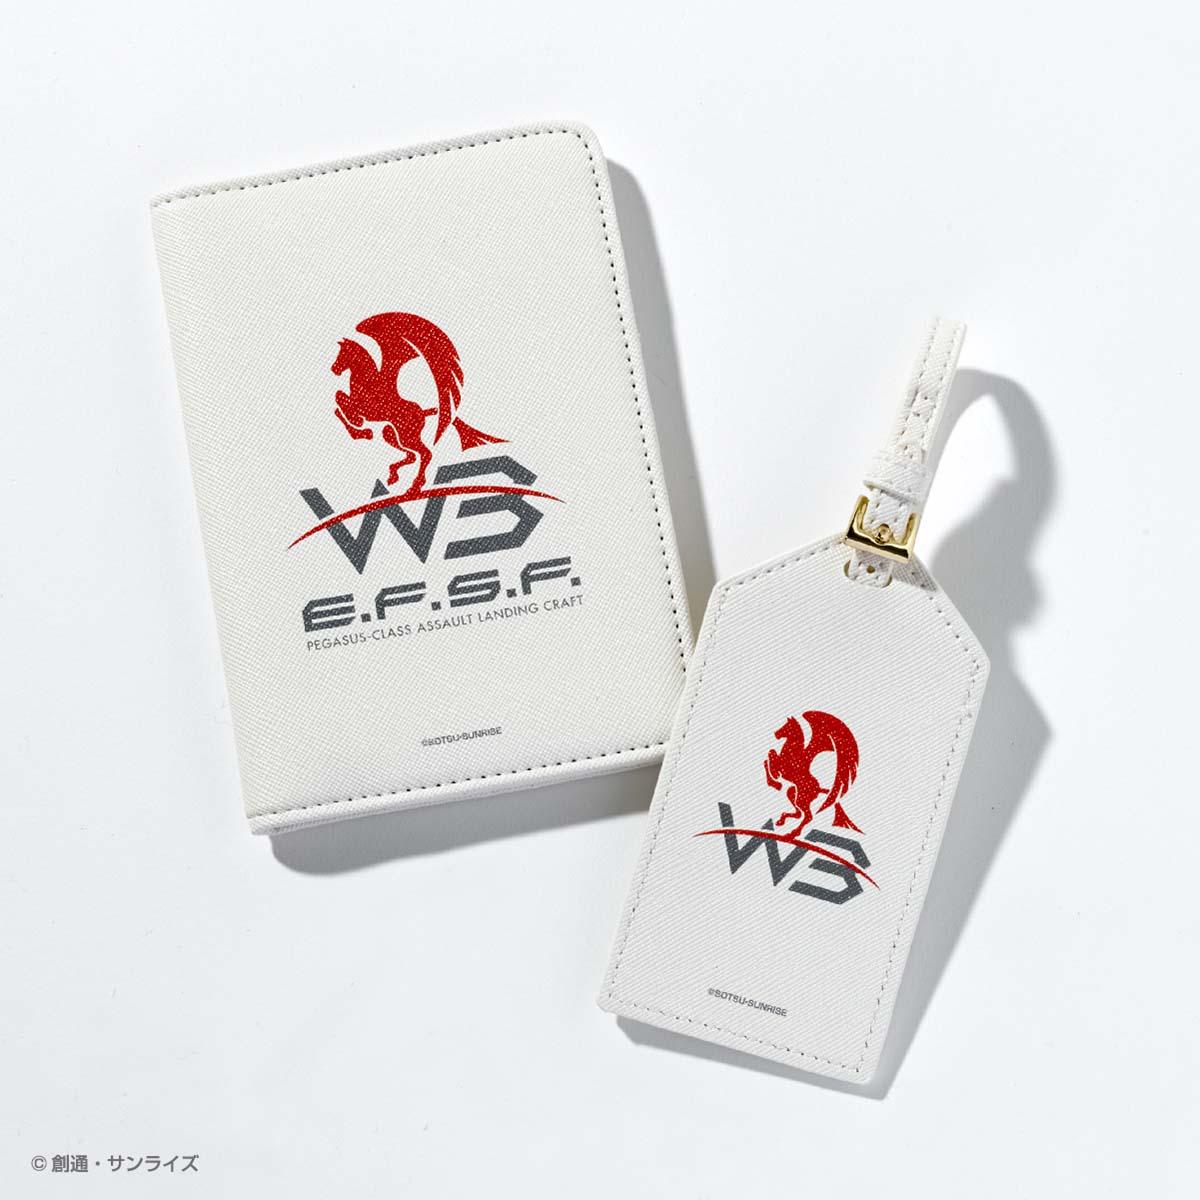 STRICT-G 『機動戦士ガンダム』 WHITE BASE トラベルセット